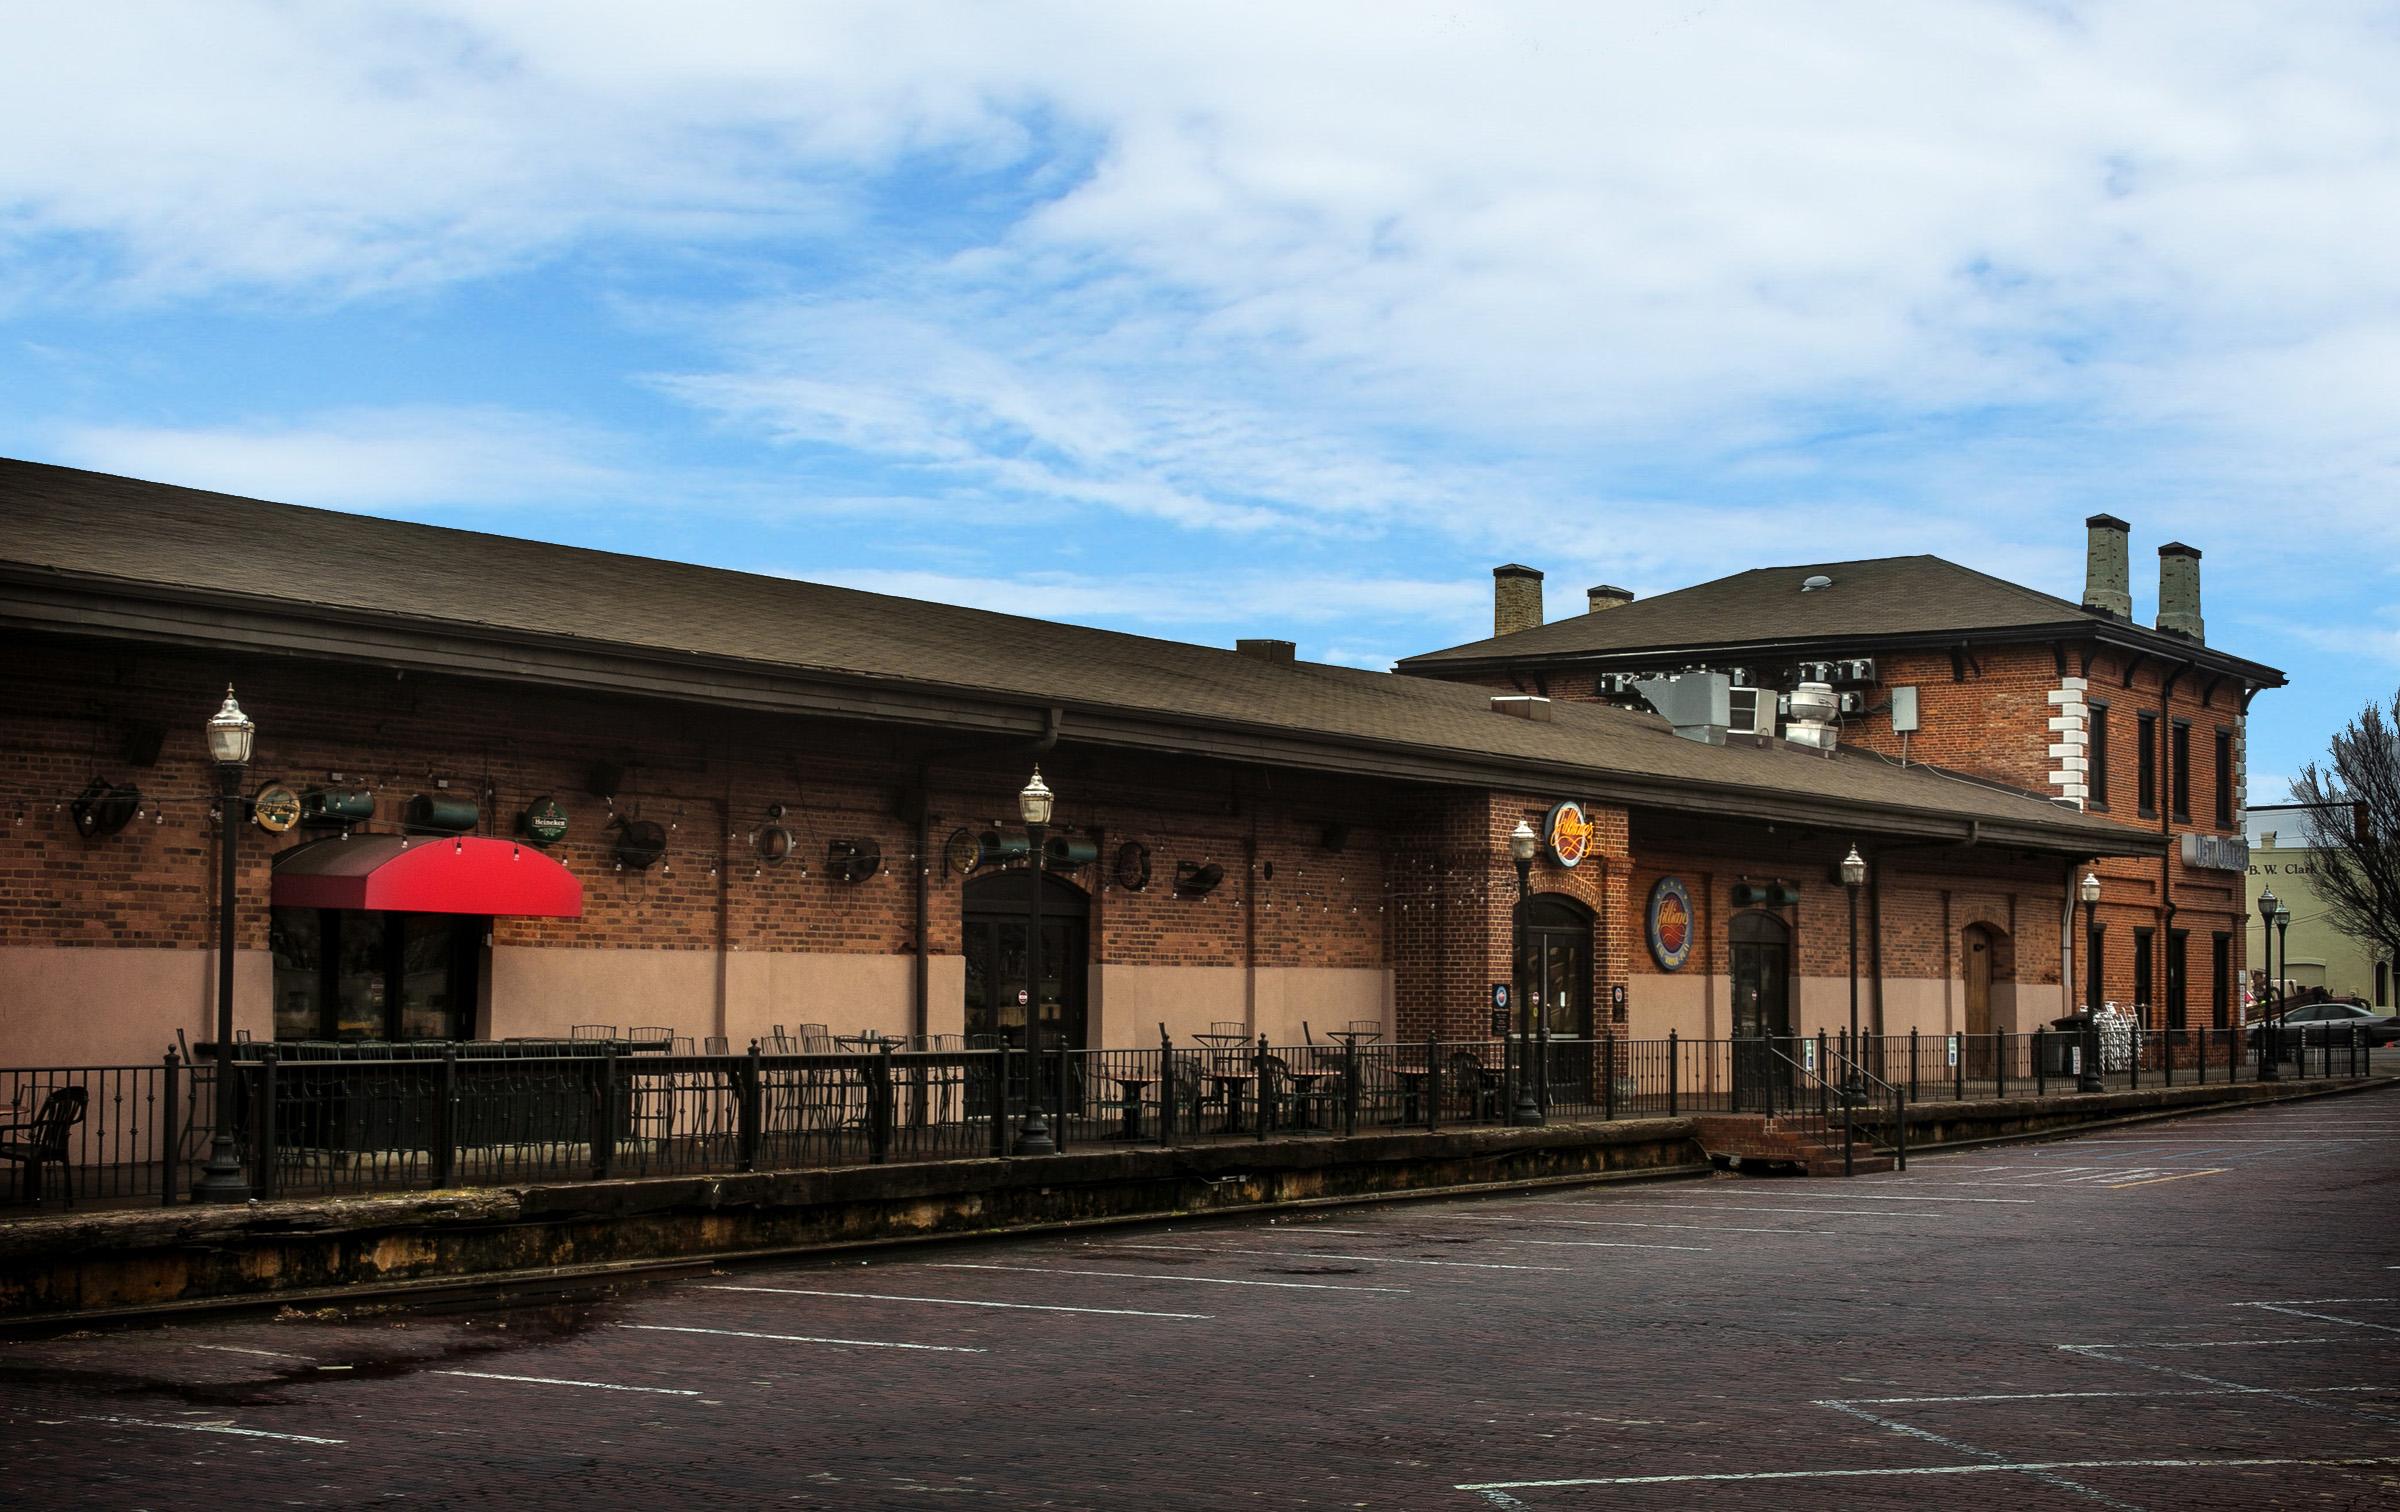 The Depot Building - 800 Gervais Street